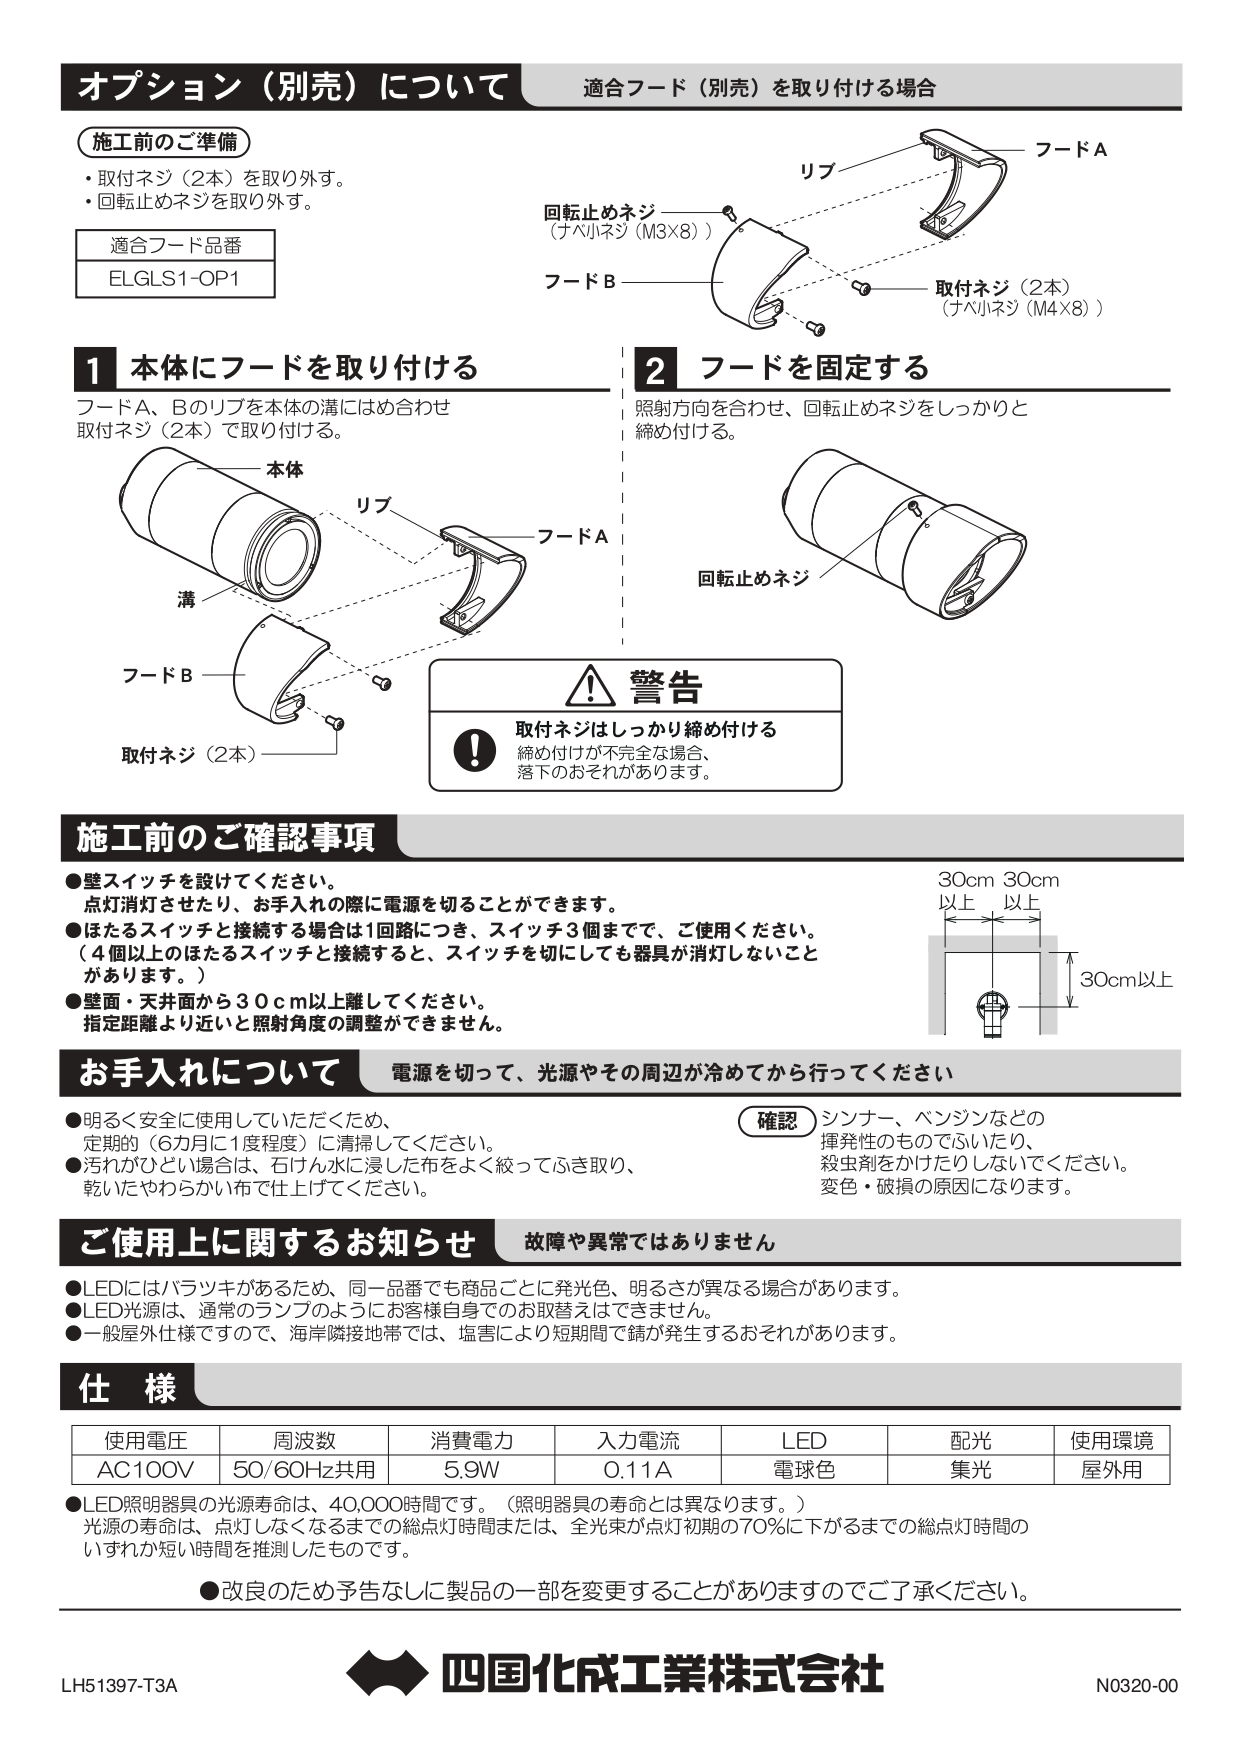 エクステリアライト GLS1型 スポットライト 壁付けタイプ 施工説明書_page-0004